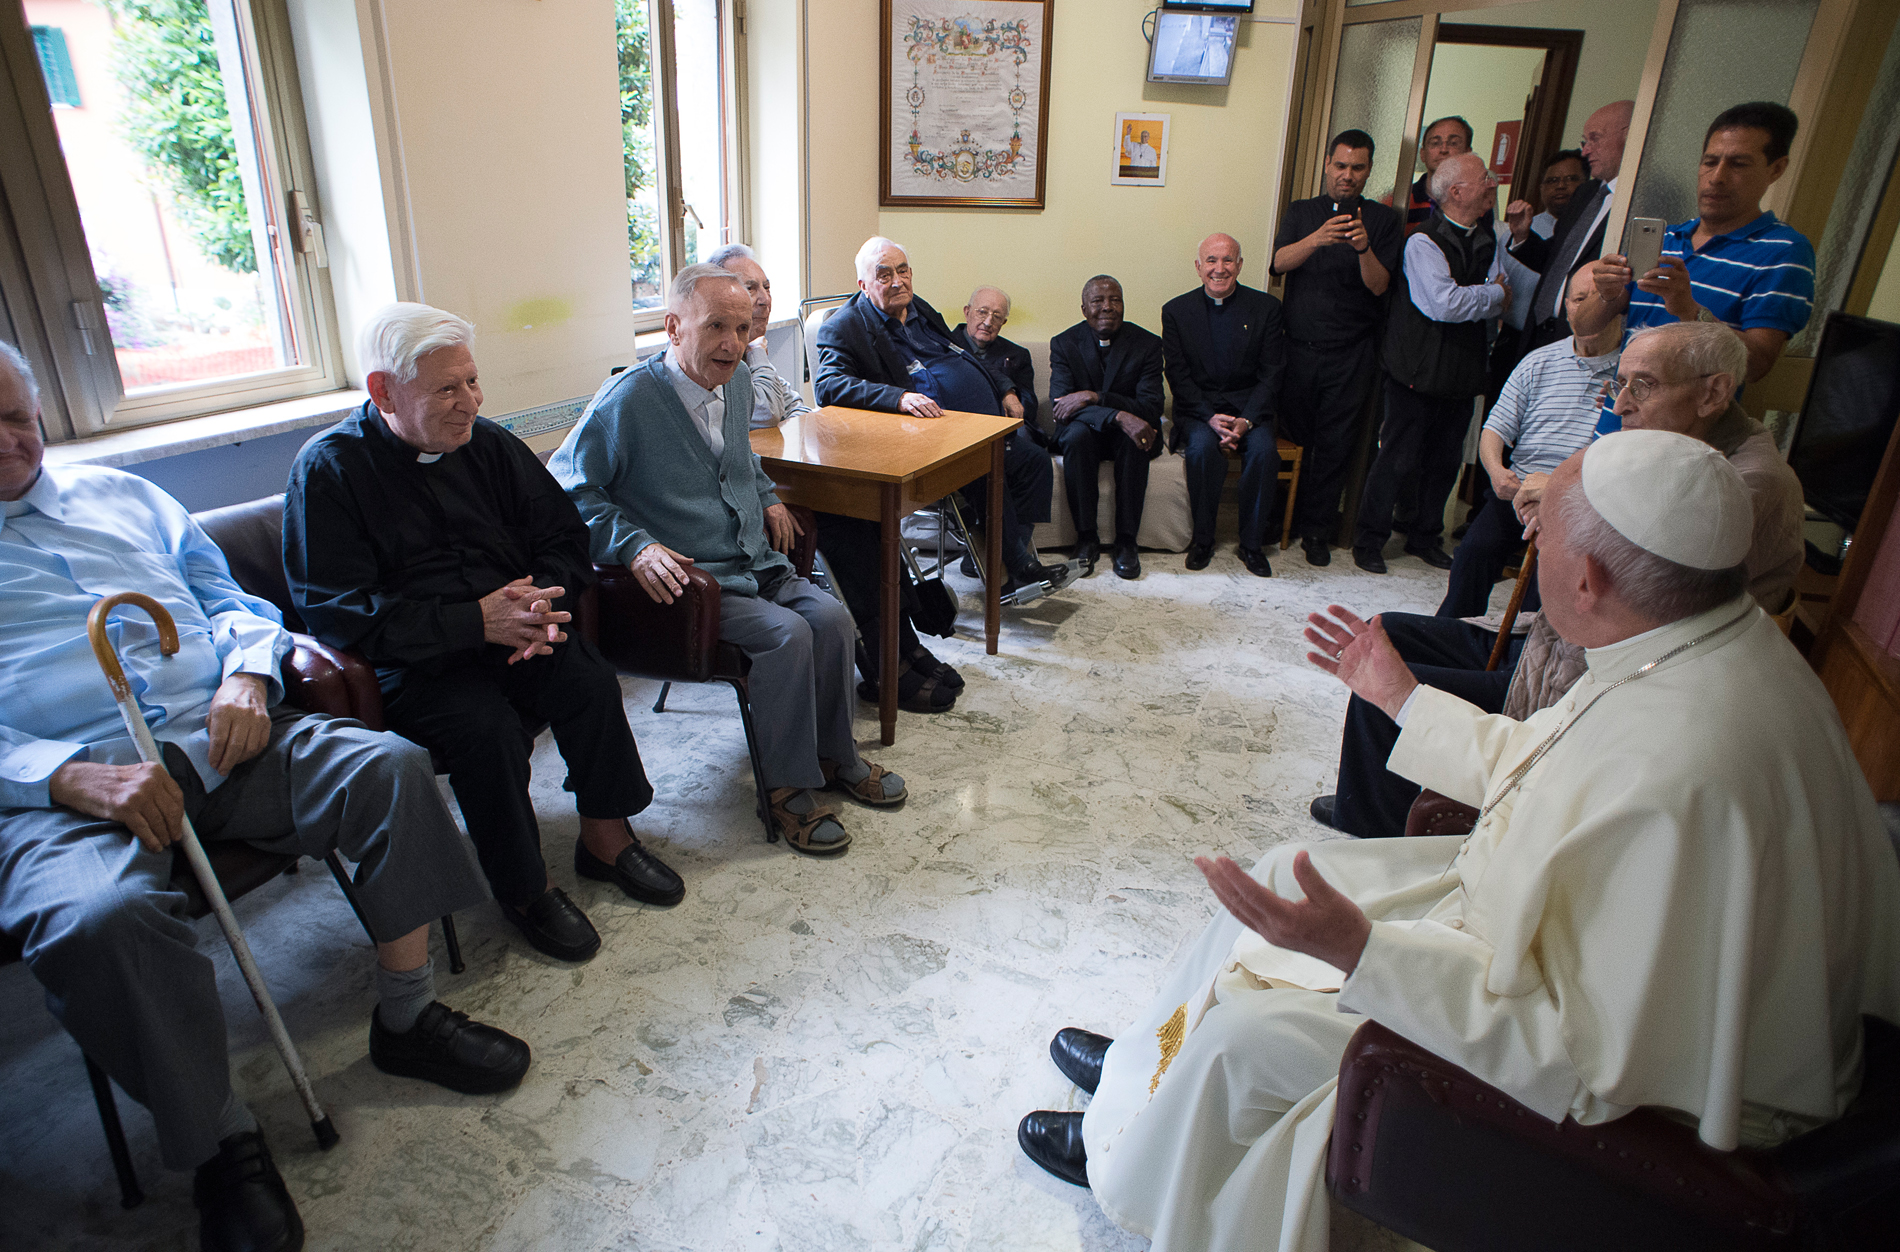 Une maison de prêtres âgés reçoit le visite du pape François, L'Osservatore Romano